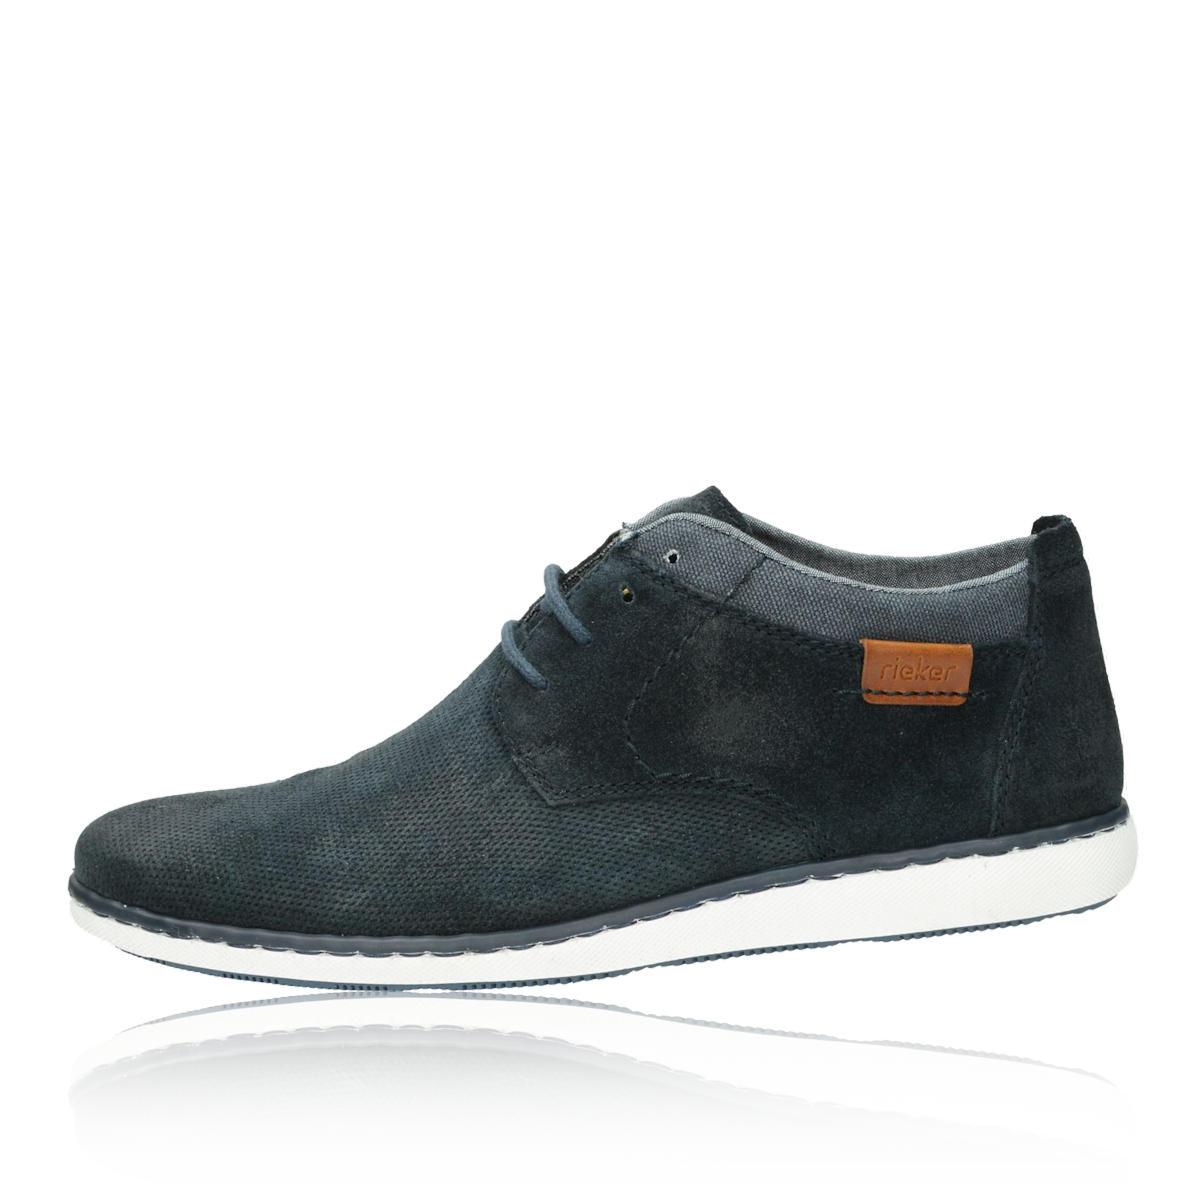 ... Rieker pánské jarní kotníkové boty - modré ... 5f2f80ff58